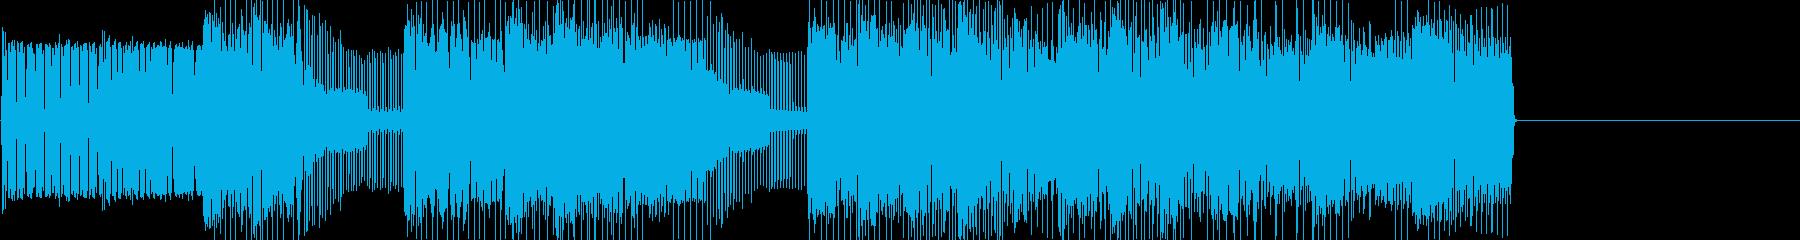 レトロゲームなチップチューンジングル20の再生済みの波形